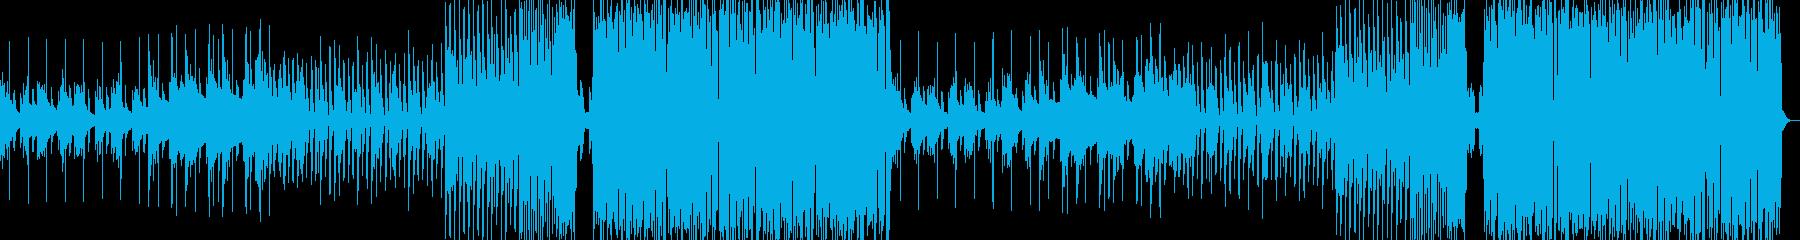 切ないメロディFuture Bassの再生済みの波形